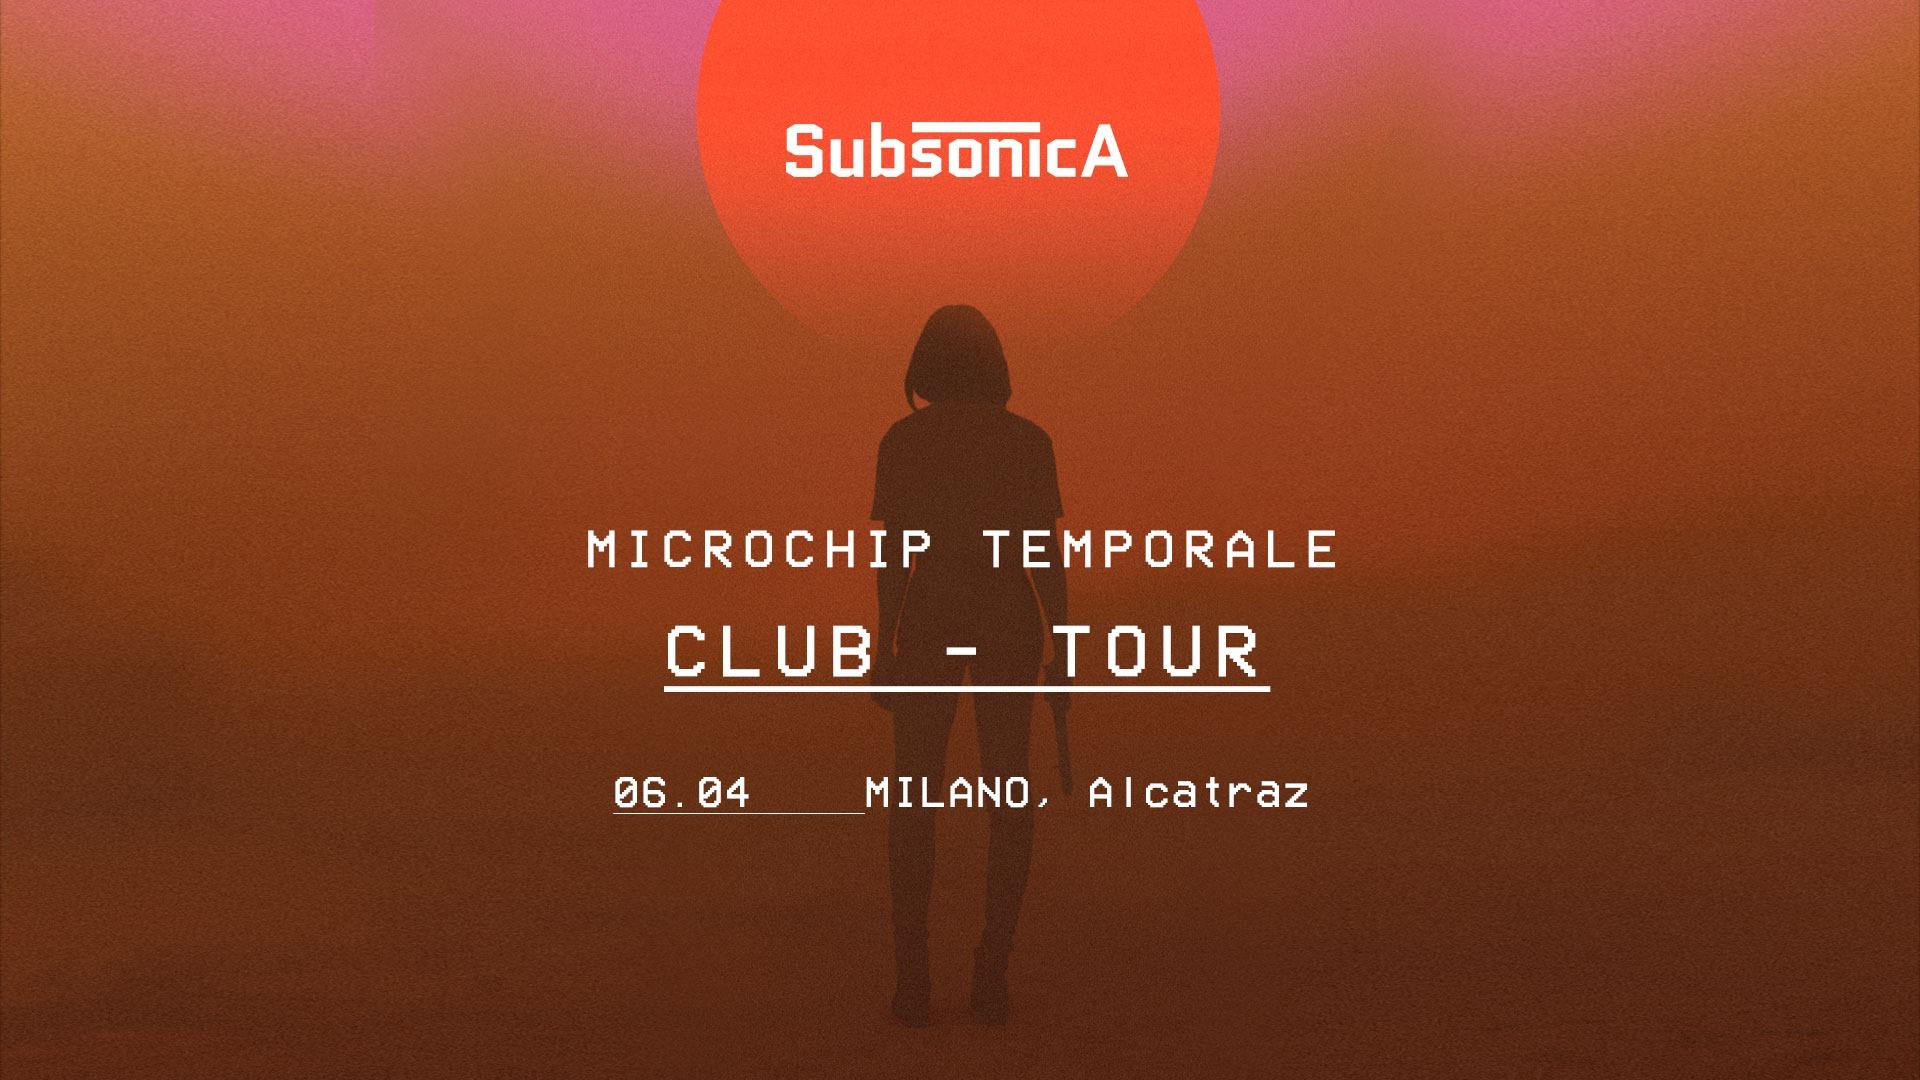 subsonica-microchip-temporale-alcatraz-milano-1